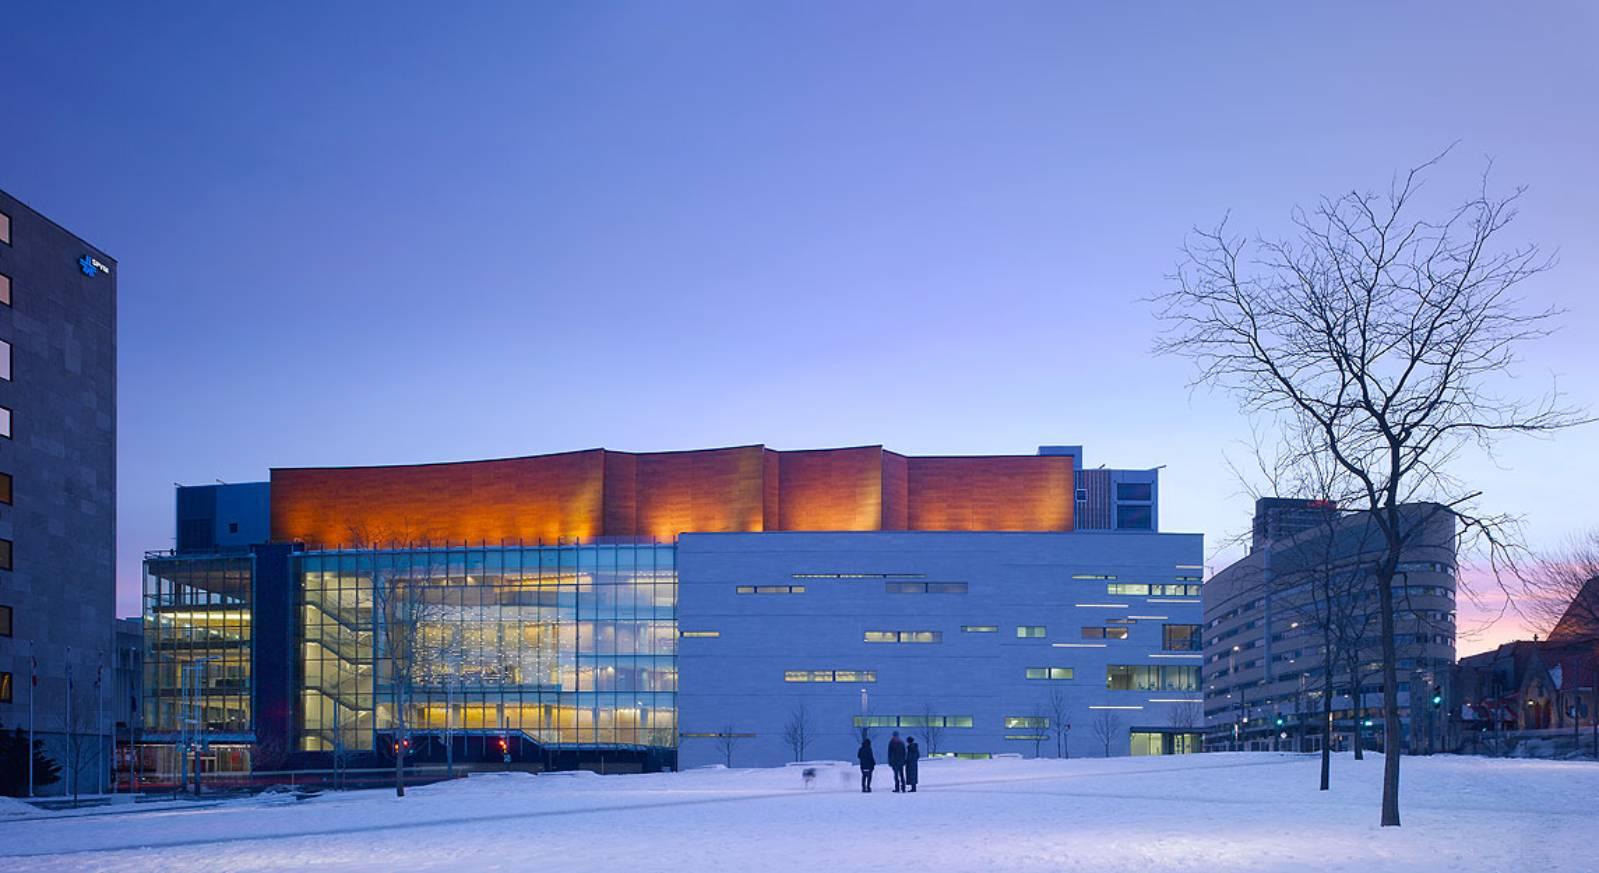 Maison symphonique de montr al by diamond schmitt architects for Architecture des maisons